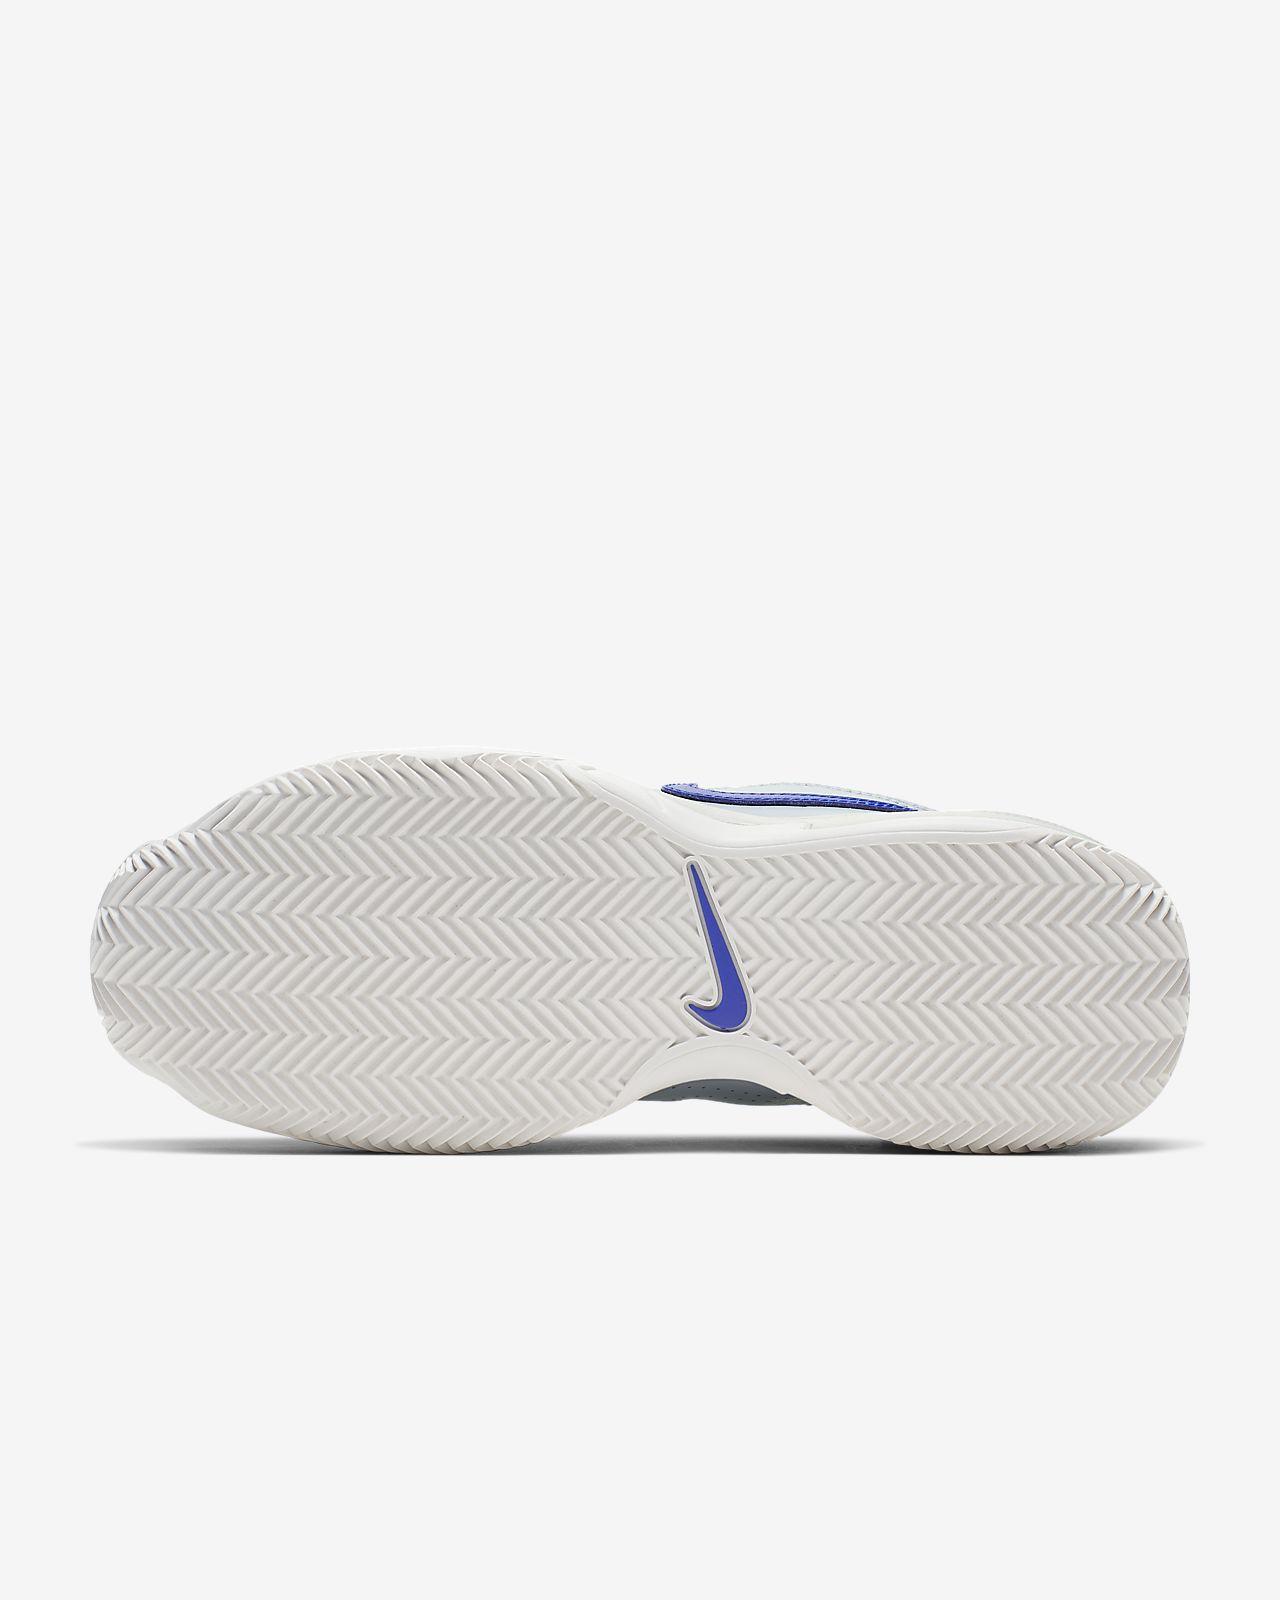 NikeCourt Lite 2 Women's Clay Tennis Shoe